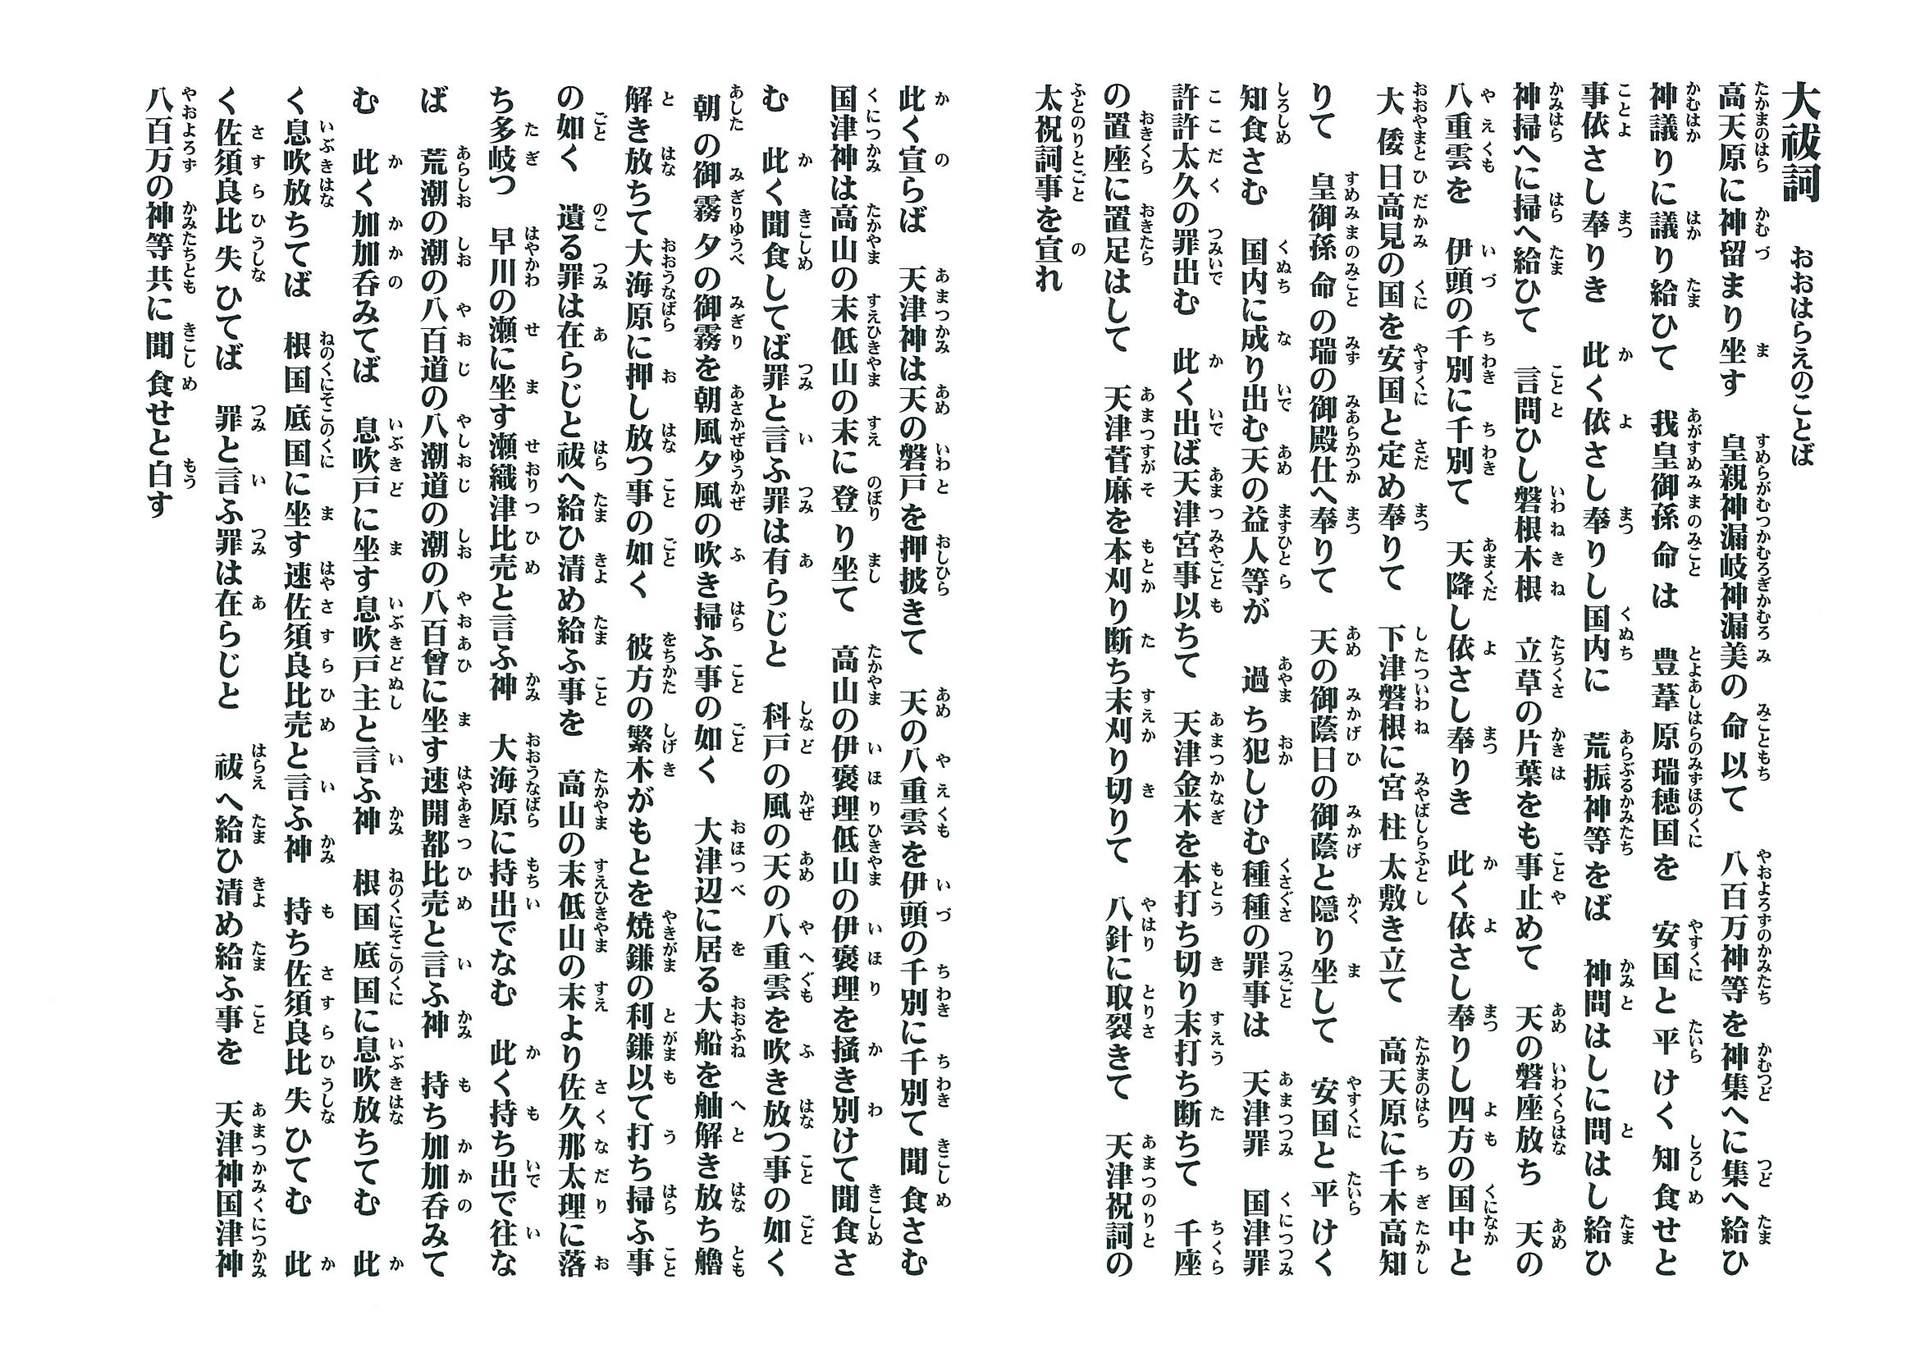 大祓詞 - パークシティ本牧祭礼委員会